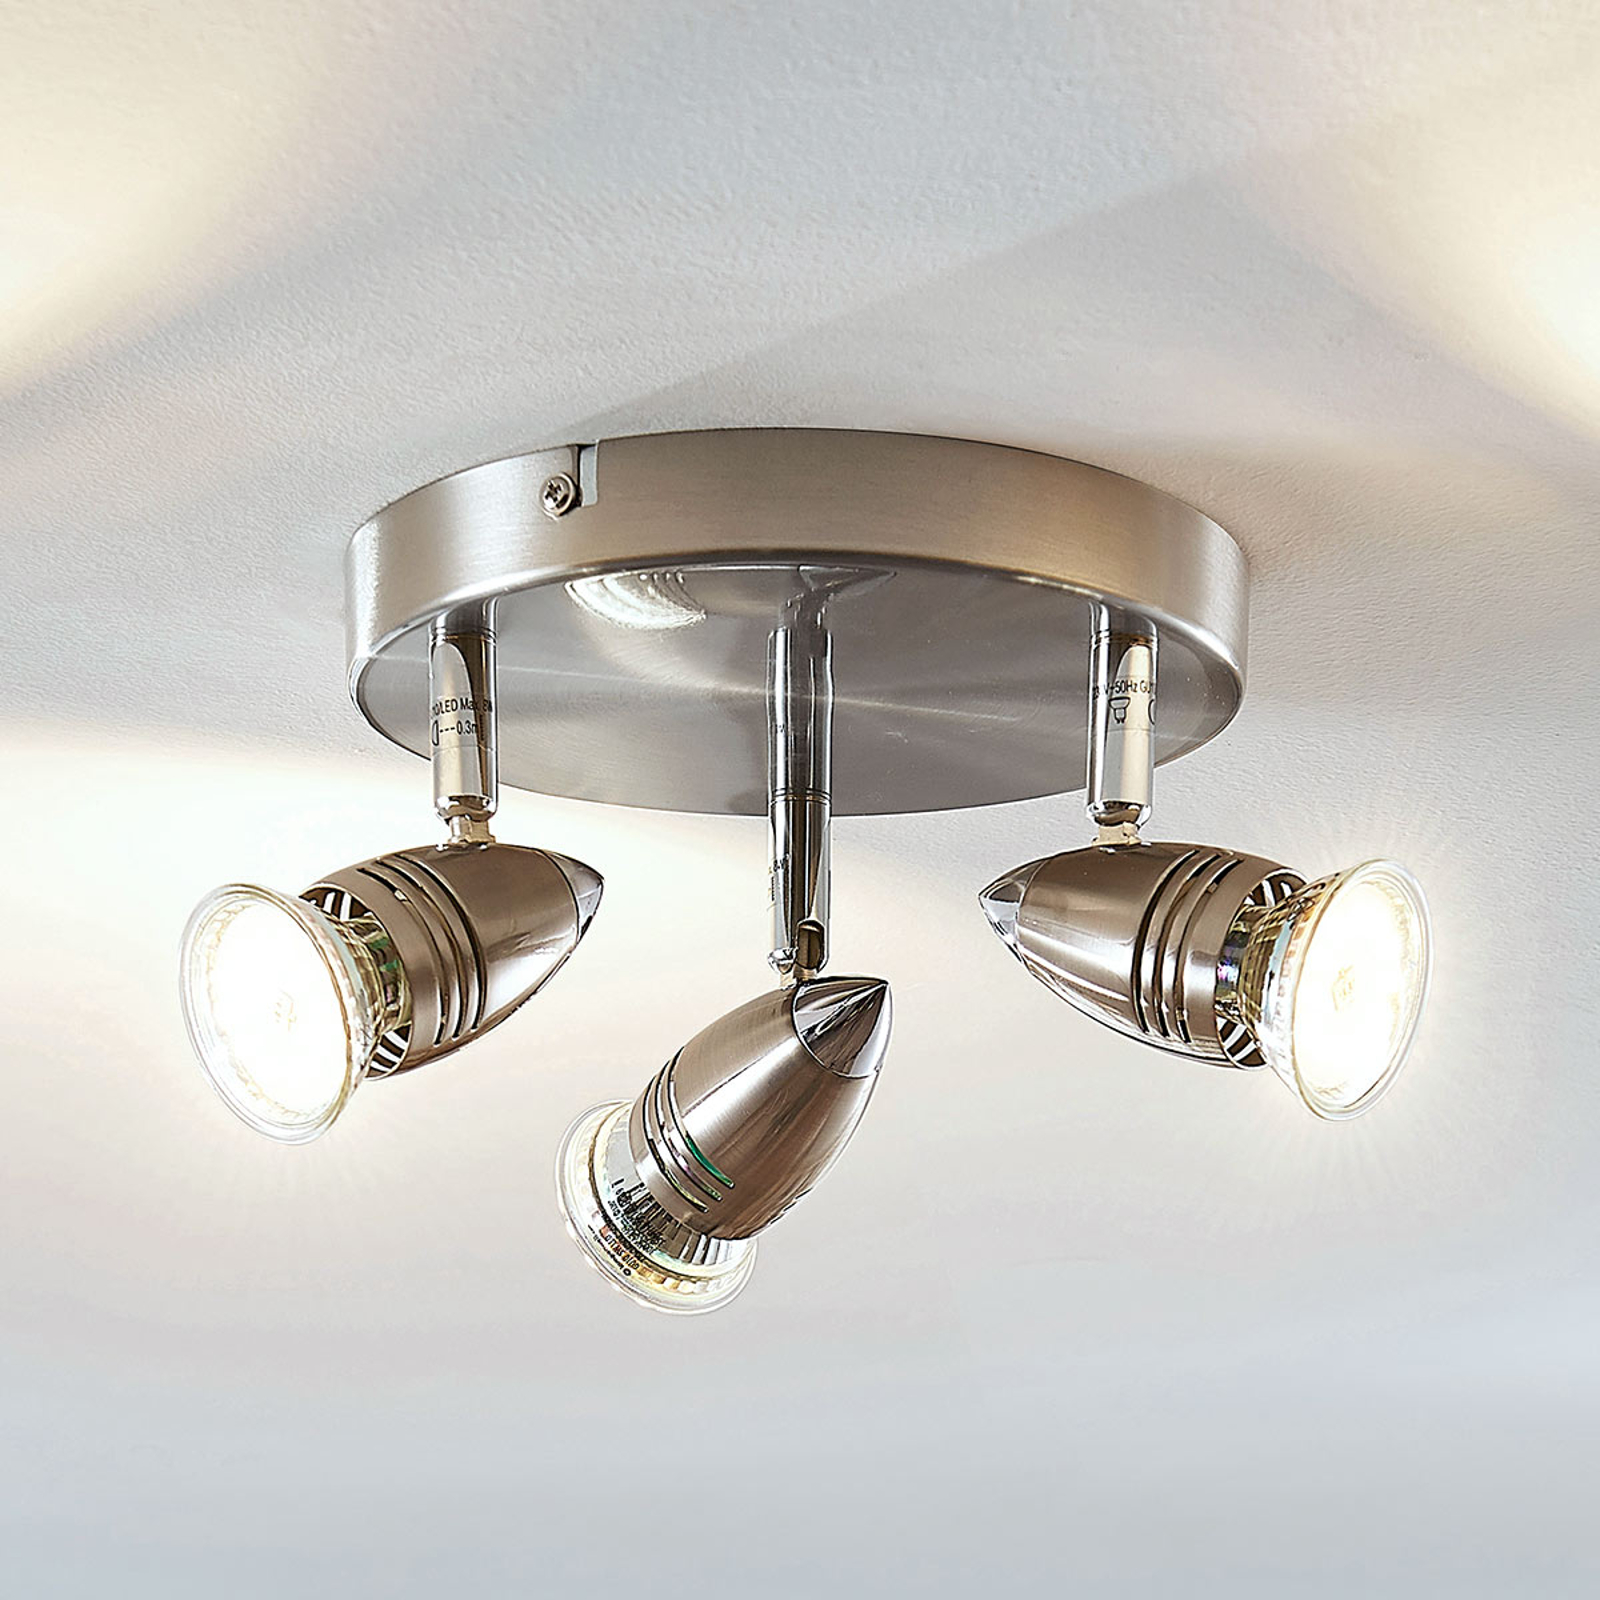 LED-kattokohdevalo Benina, 3-lamppuinen, pyöreä